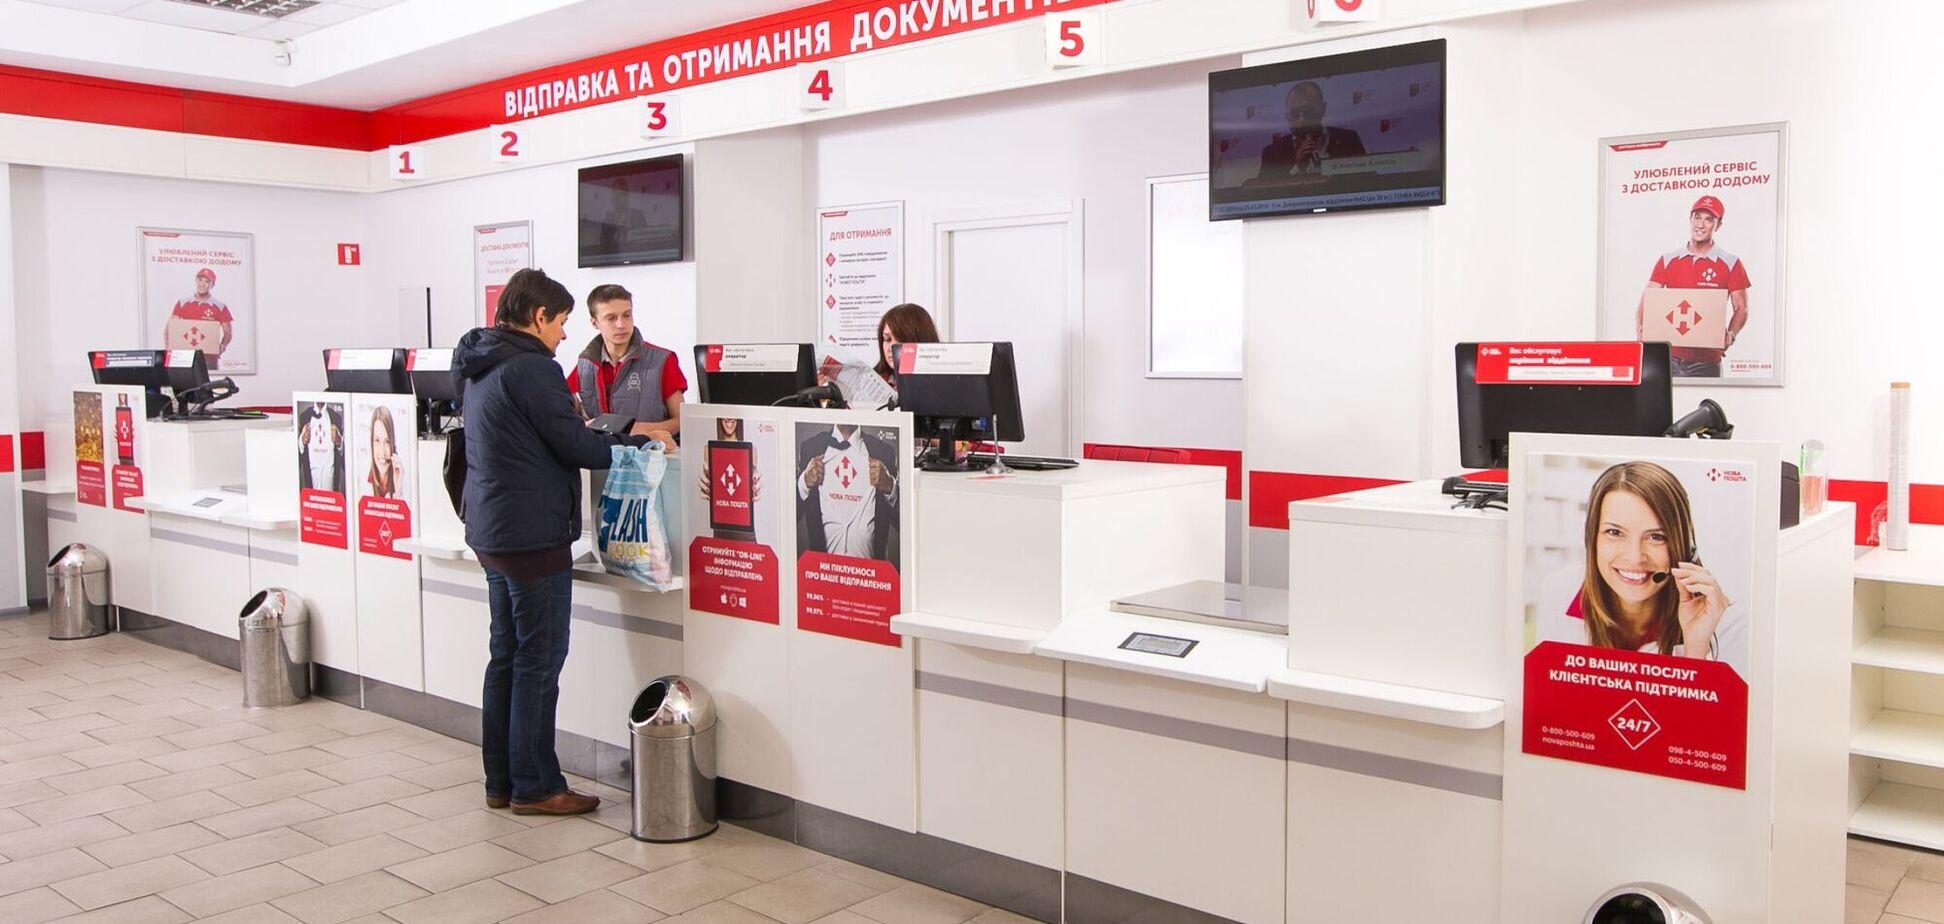 В отделении 'Новой почты' мужчина устроил скандал из-за маски